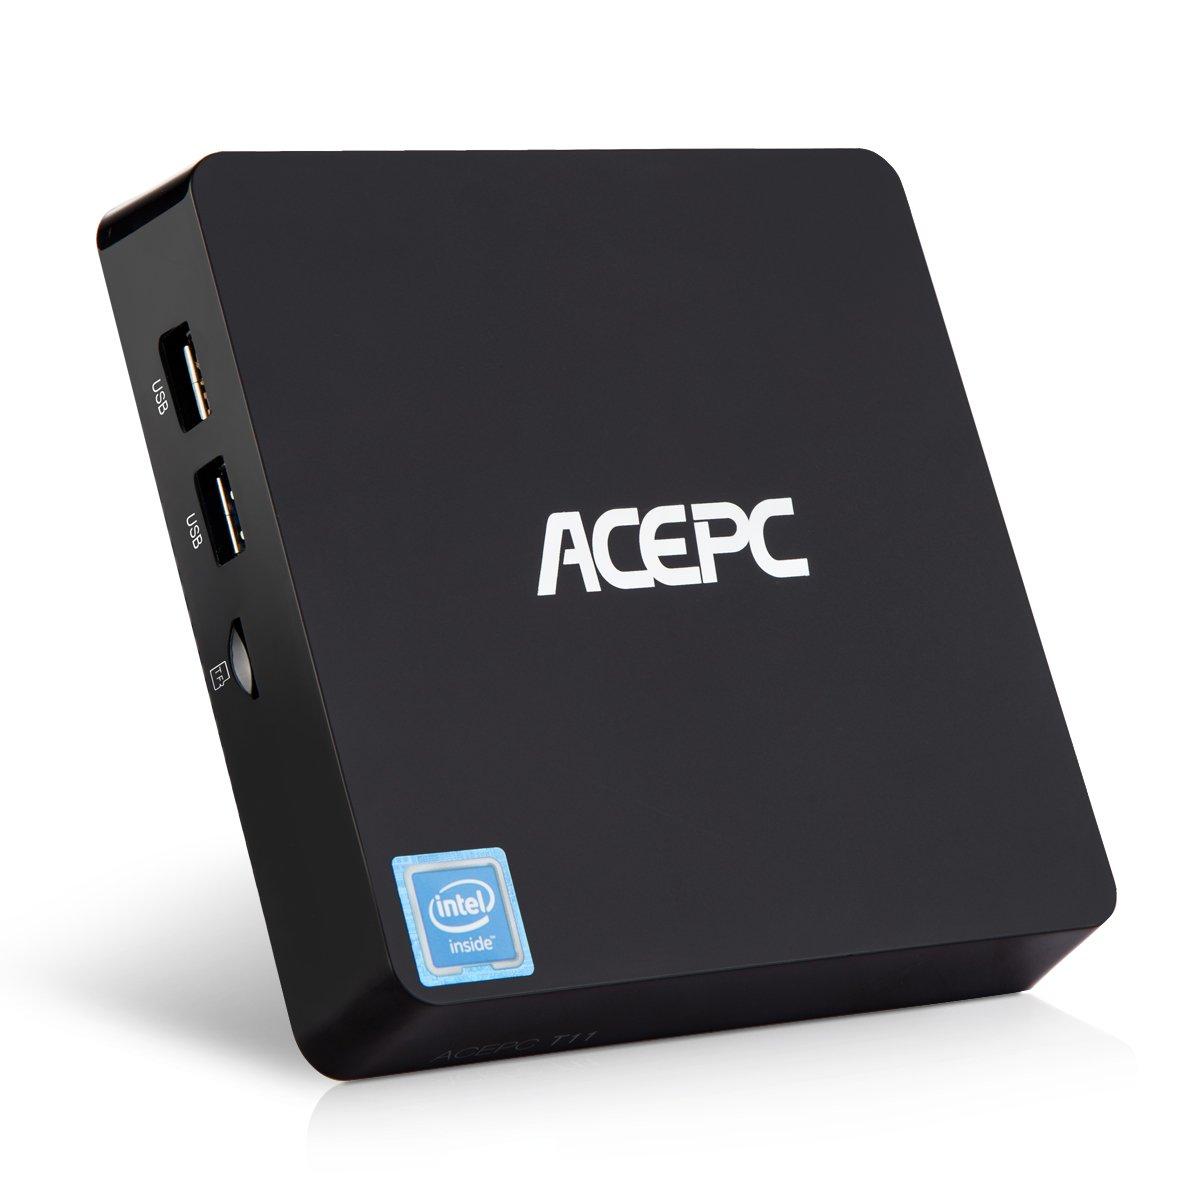 Mini PC Intel Cherry Trail Fanless Desktop Computer Windows 10 (64Bit) [Intel Atom X5-Z8350/4GB/32GB/Dual-Band Wi-Fi/4k/Bluetooth/USB3.0]